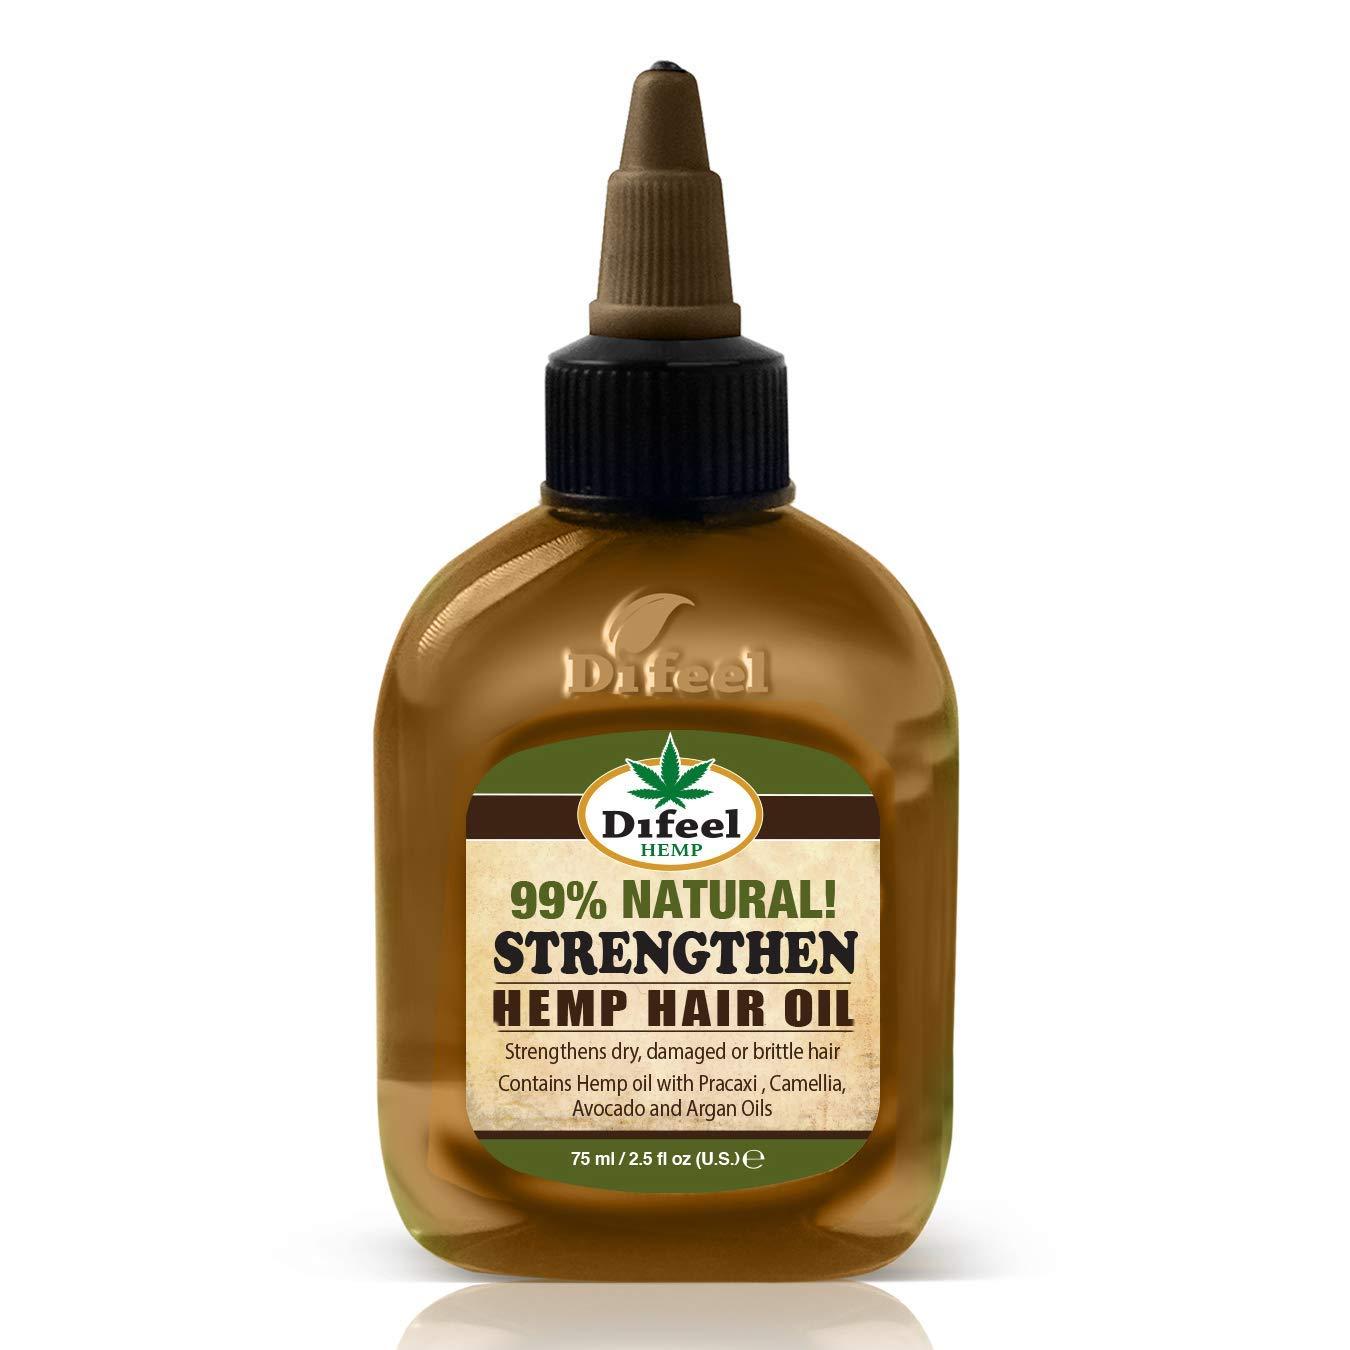 Difeel Hemp 99% Natural Hemp Hair Oil - Strengthen 2.5 ounce